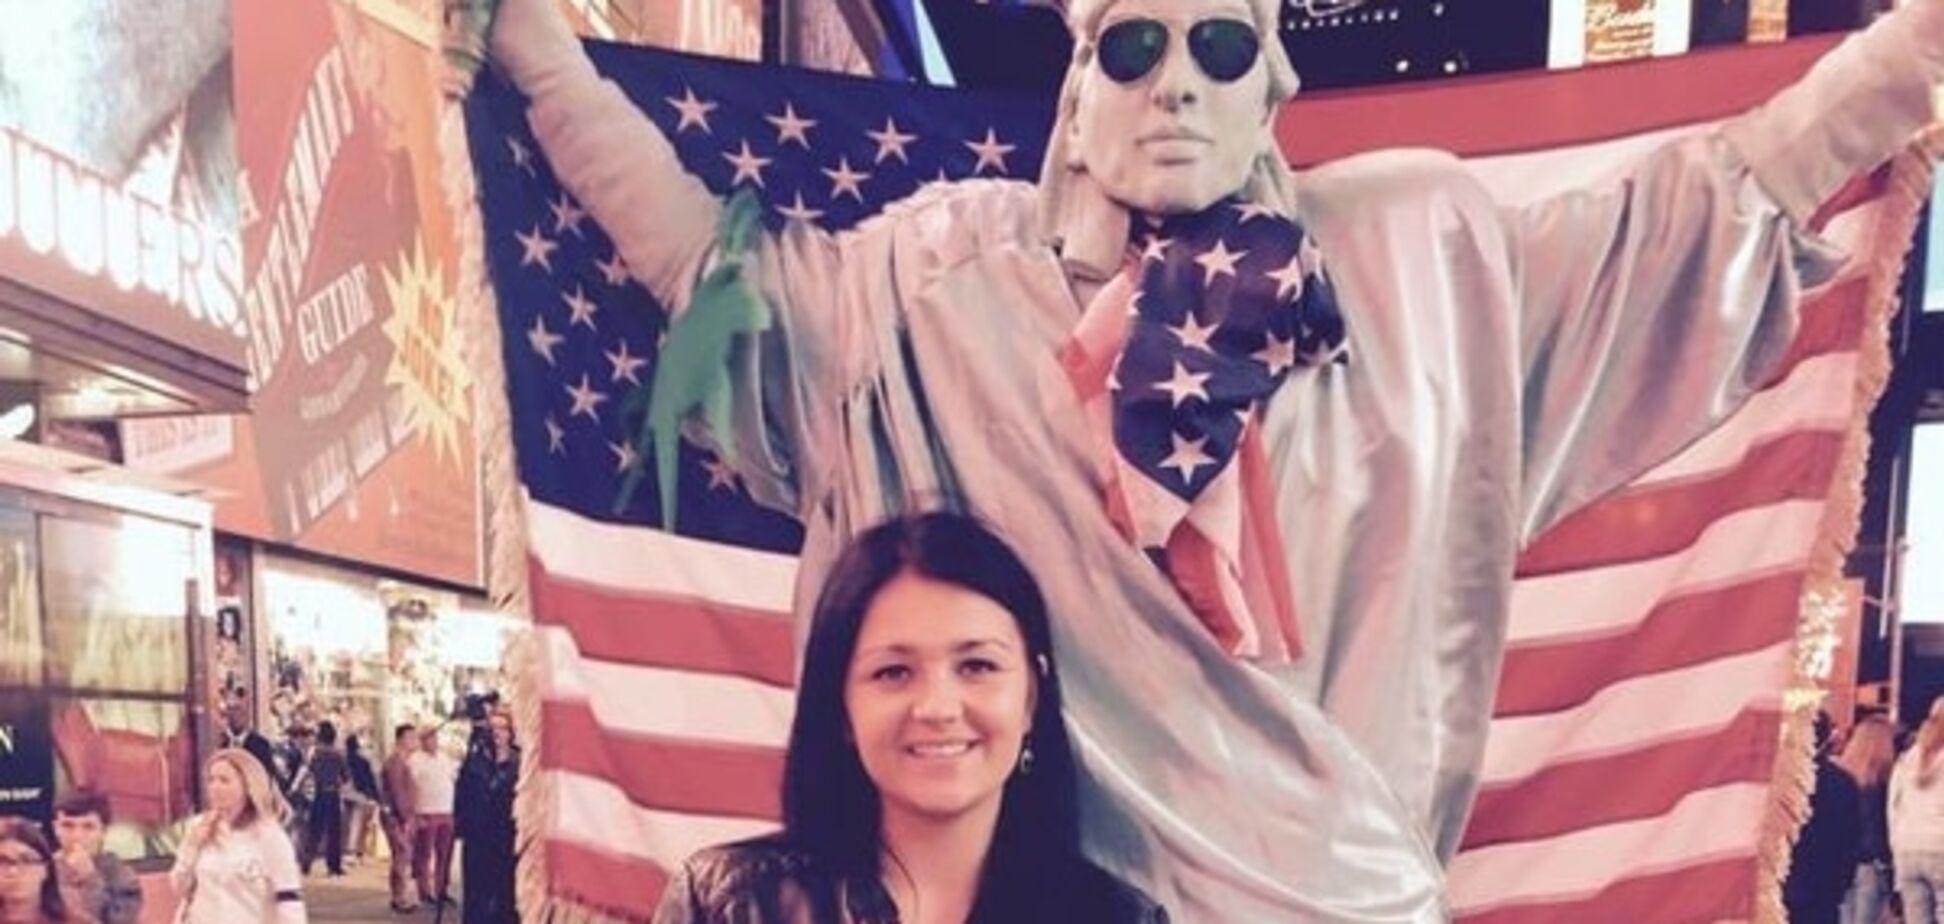 Сложности эмиграции: украинка рассказала о плюсах и минусах жизни в США